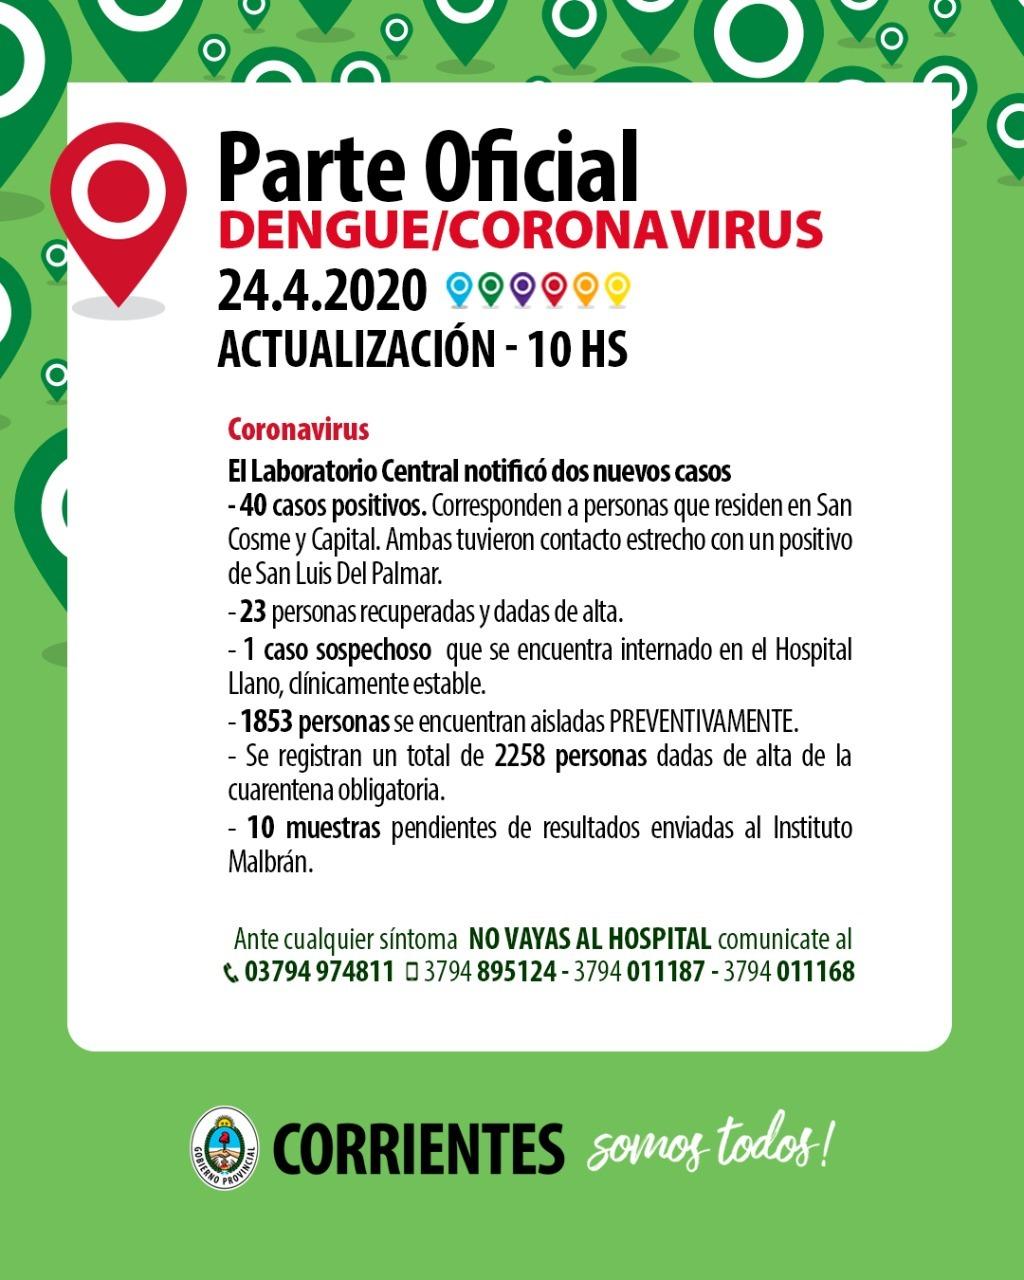 Dos casos nuevos de Coronavirus-COVID-19 provienen de contacto estrecho laboral con positivos anteriores